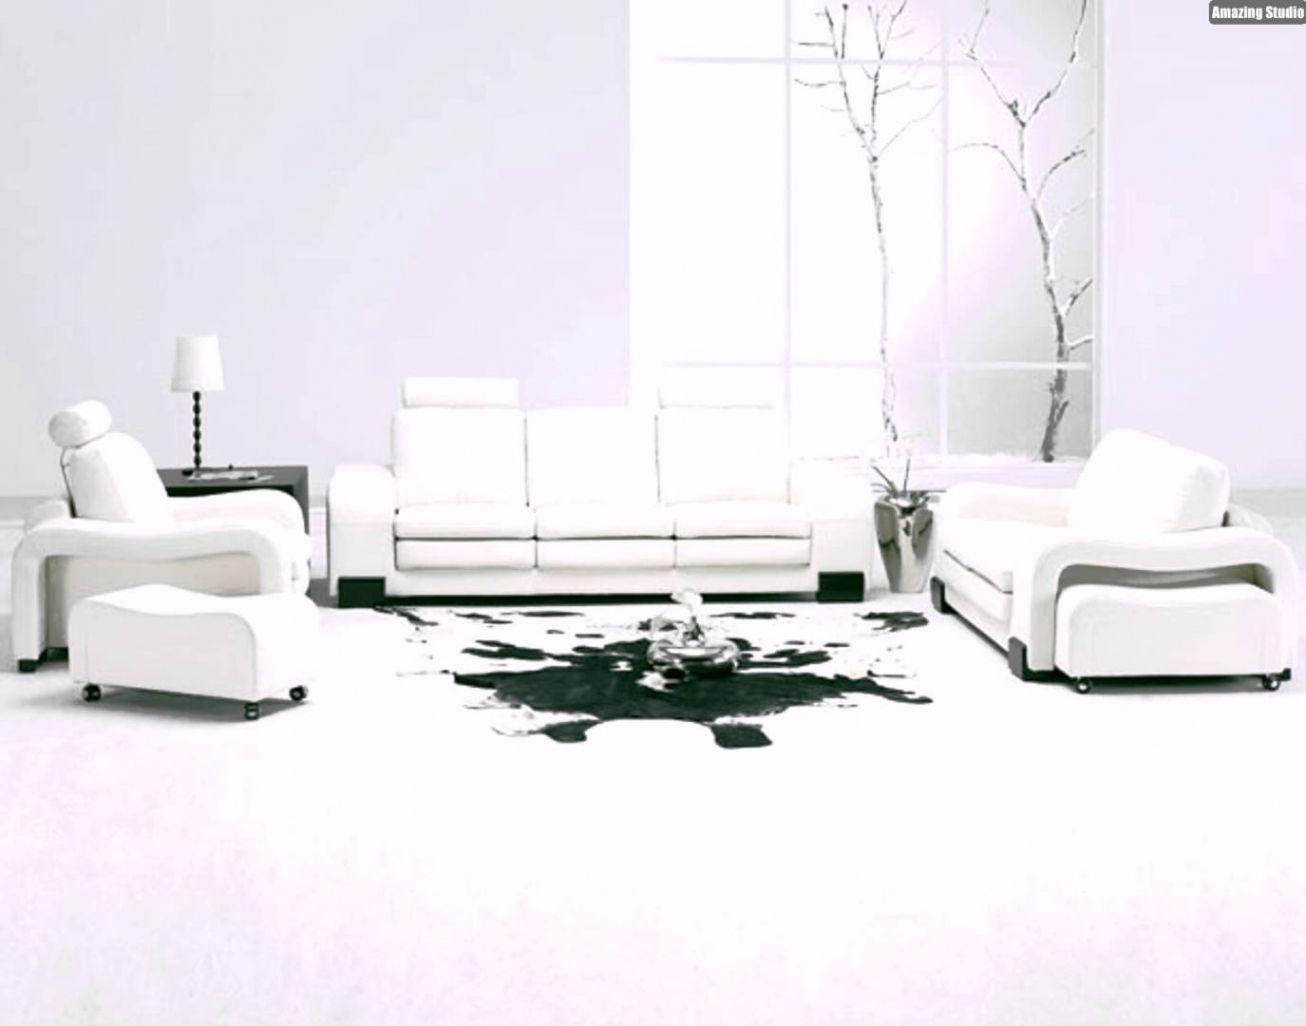 Wunderschöne Wohnzimmer Ideen Minimalistisch | Wohnzimmer ideen ...